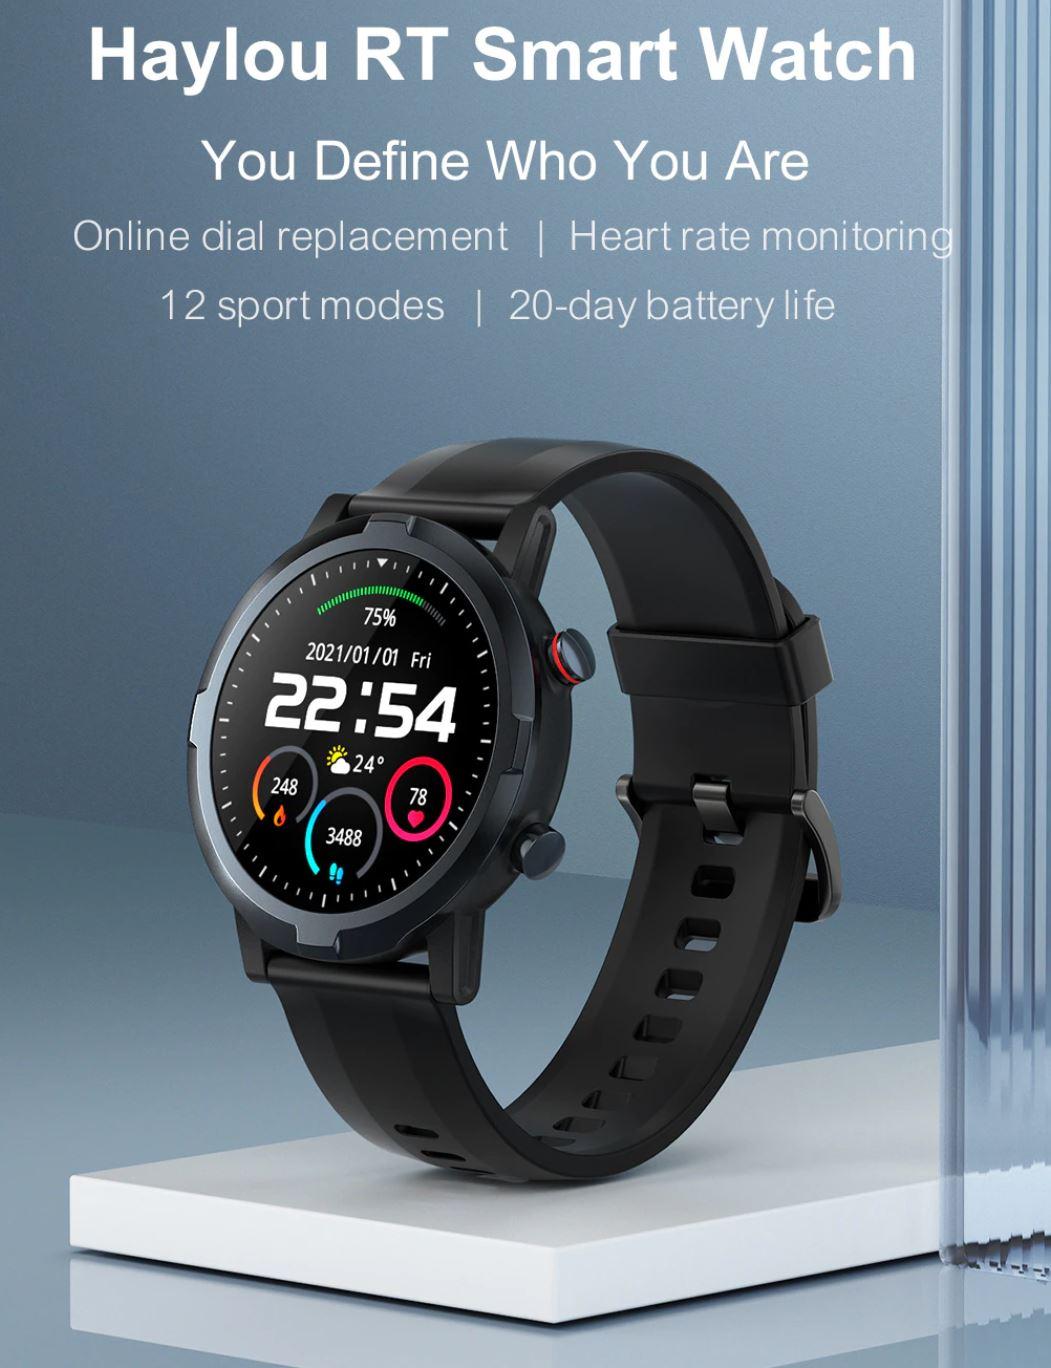 Smartwatche z Aliexpress - bogata oferta w rewelacyjnie niskich cenach - Haylou RT Smart Watch